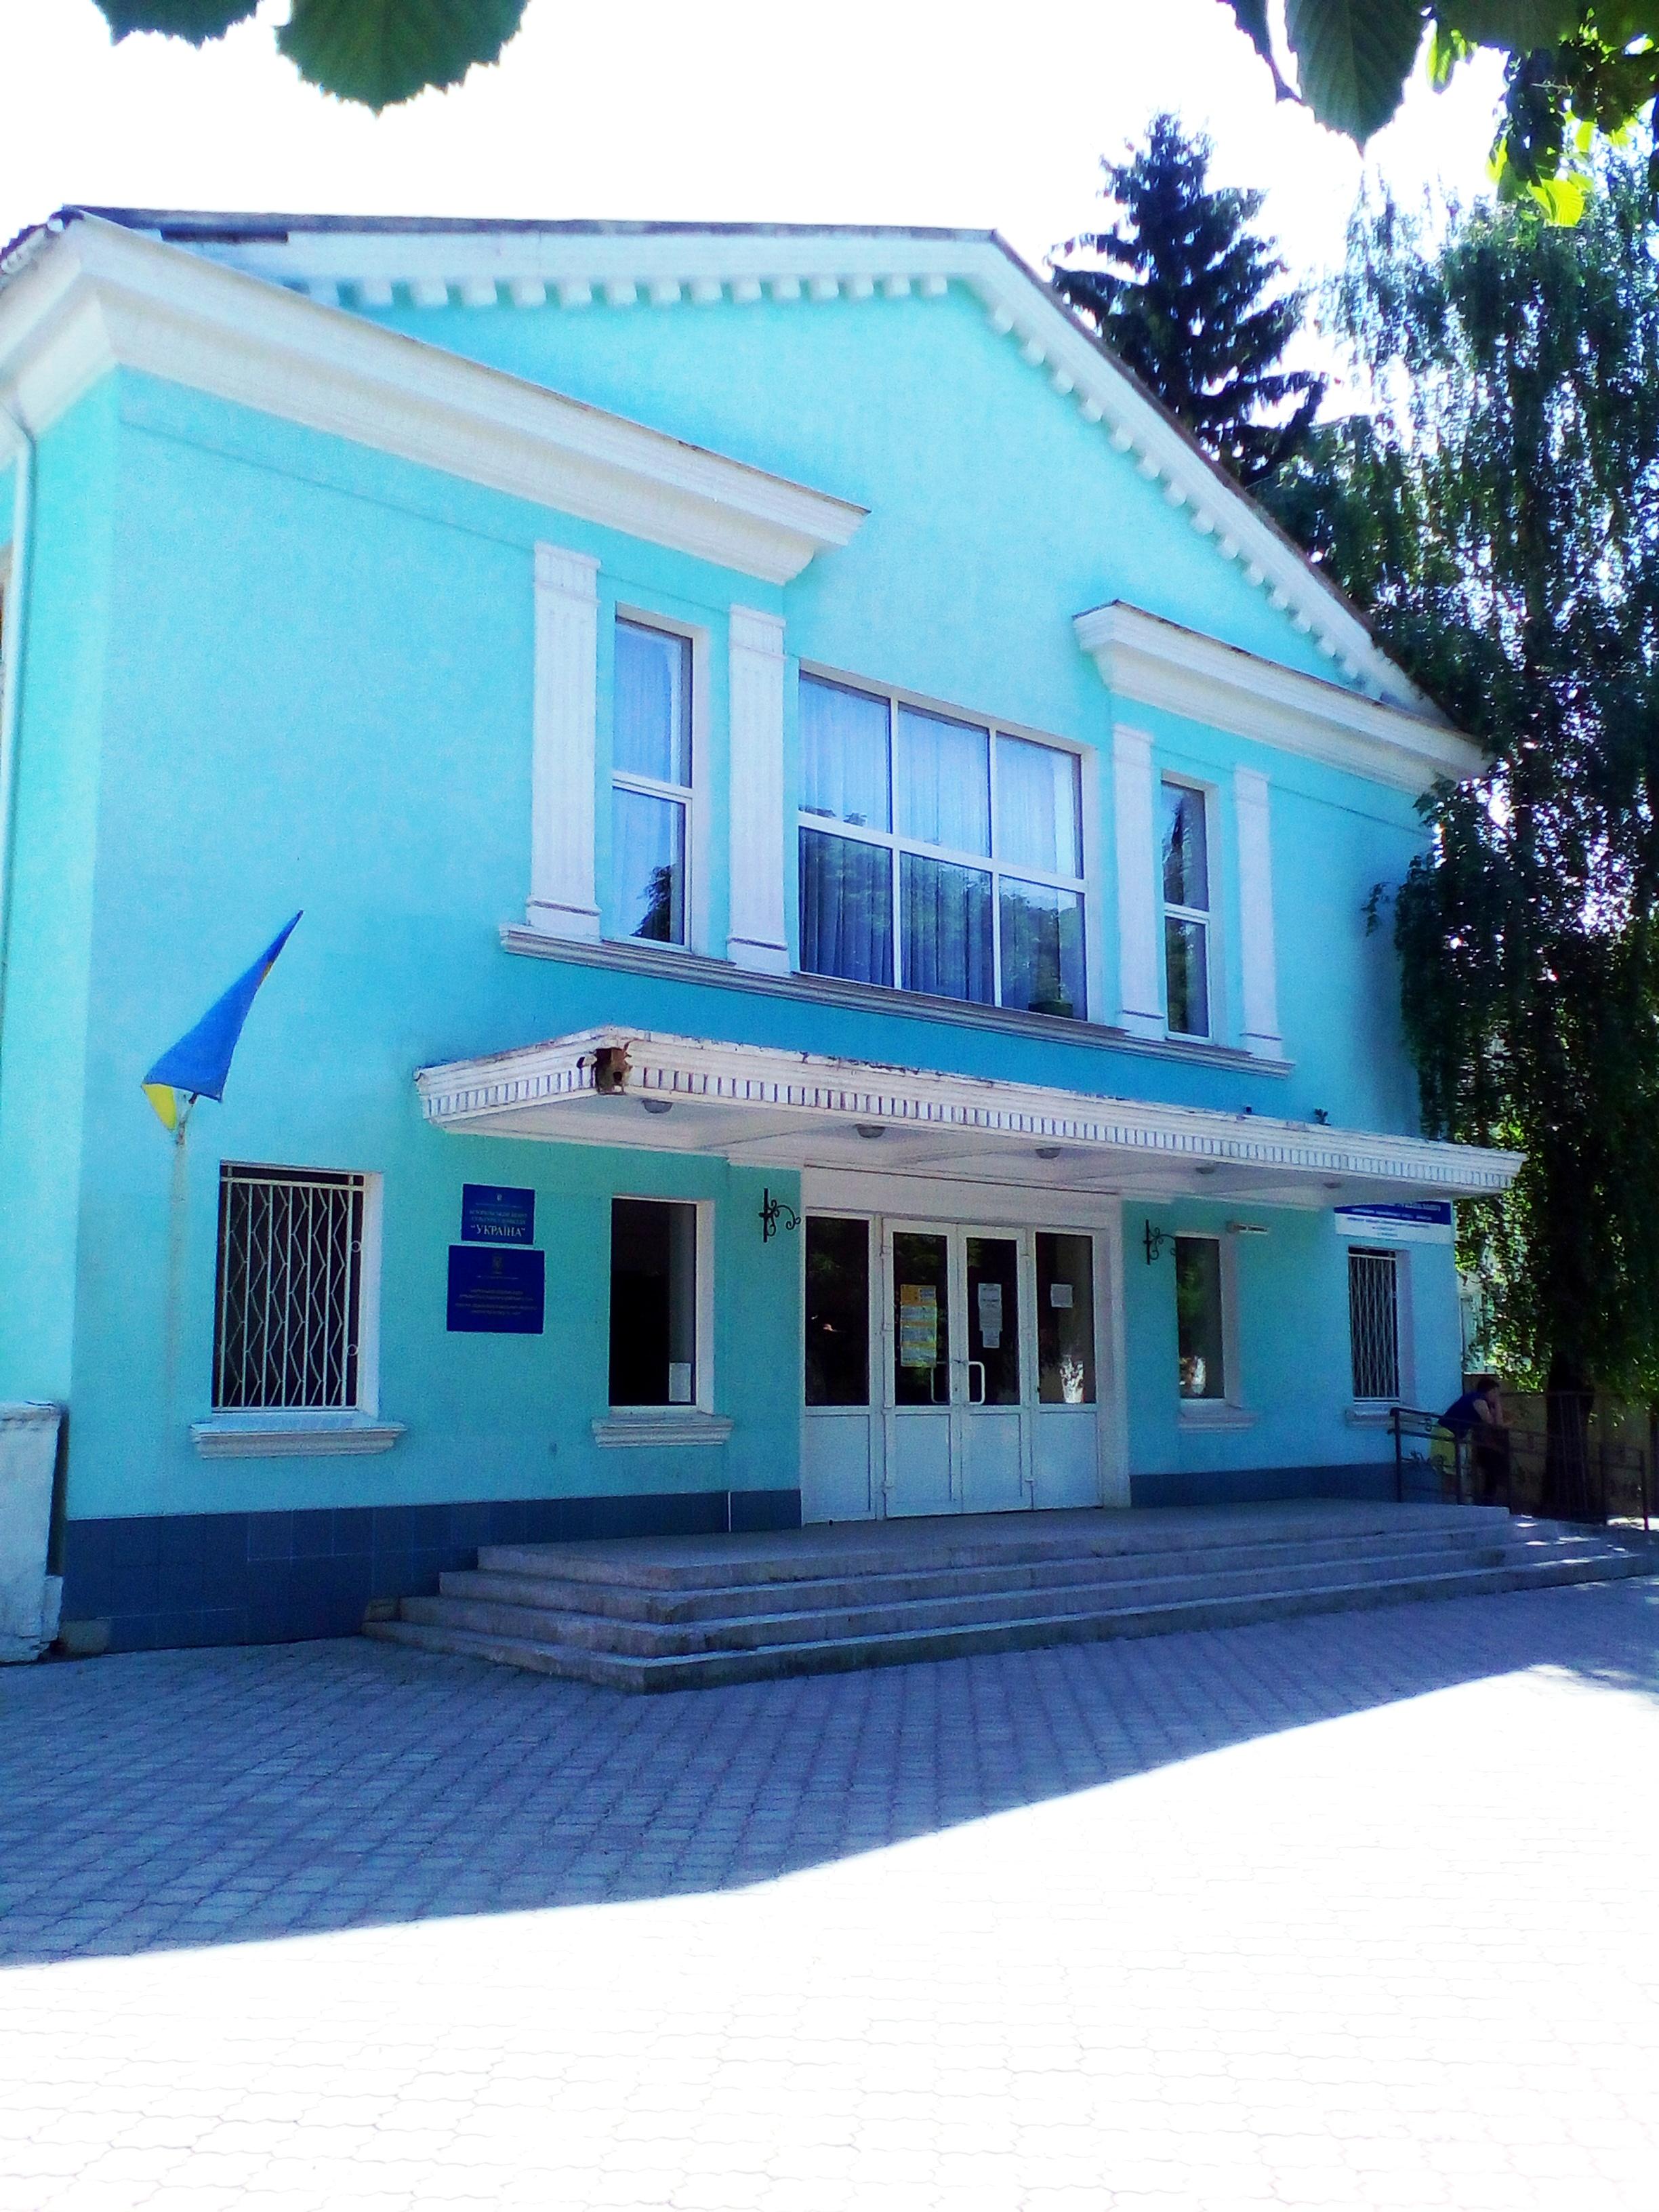 Центр культури і дозвіллі Україна